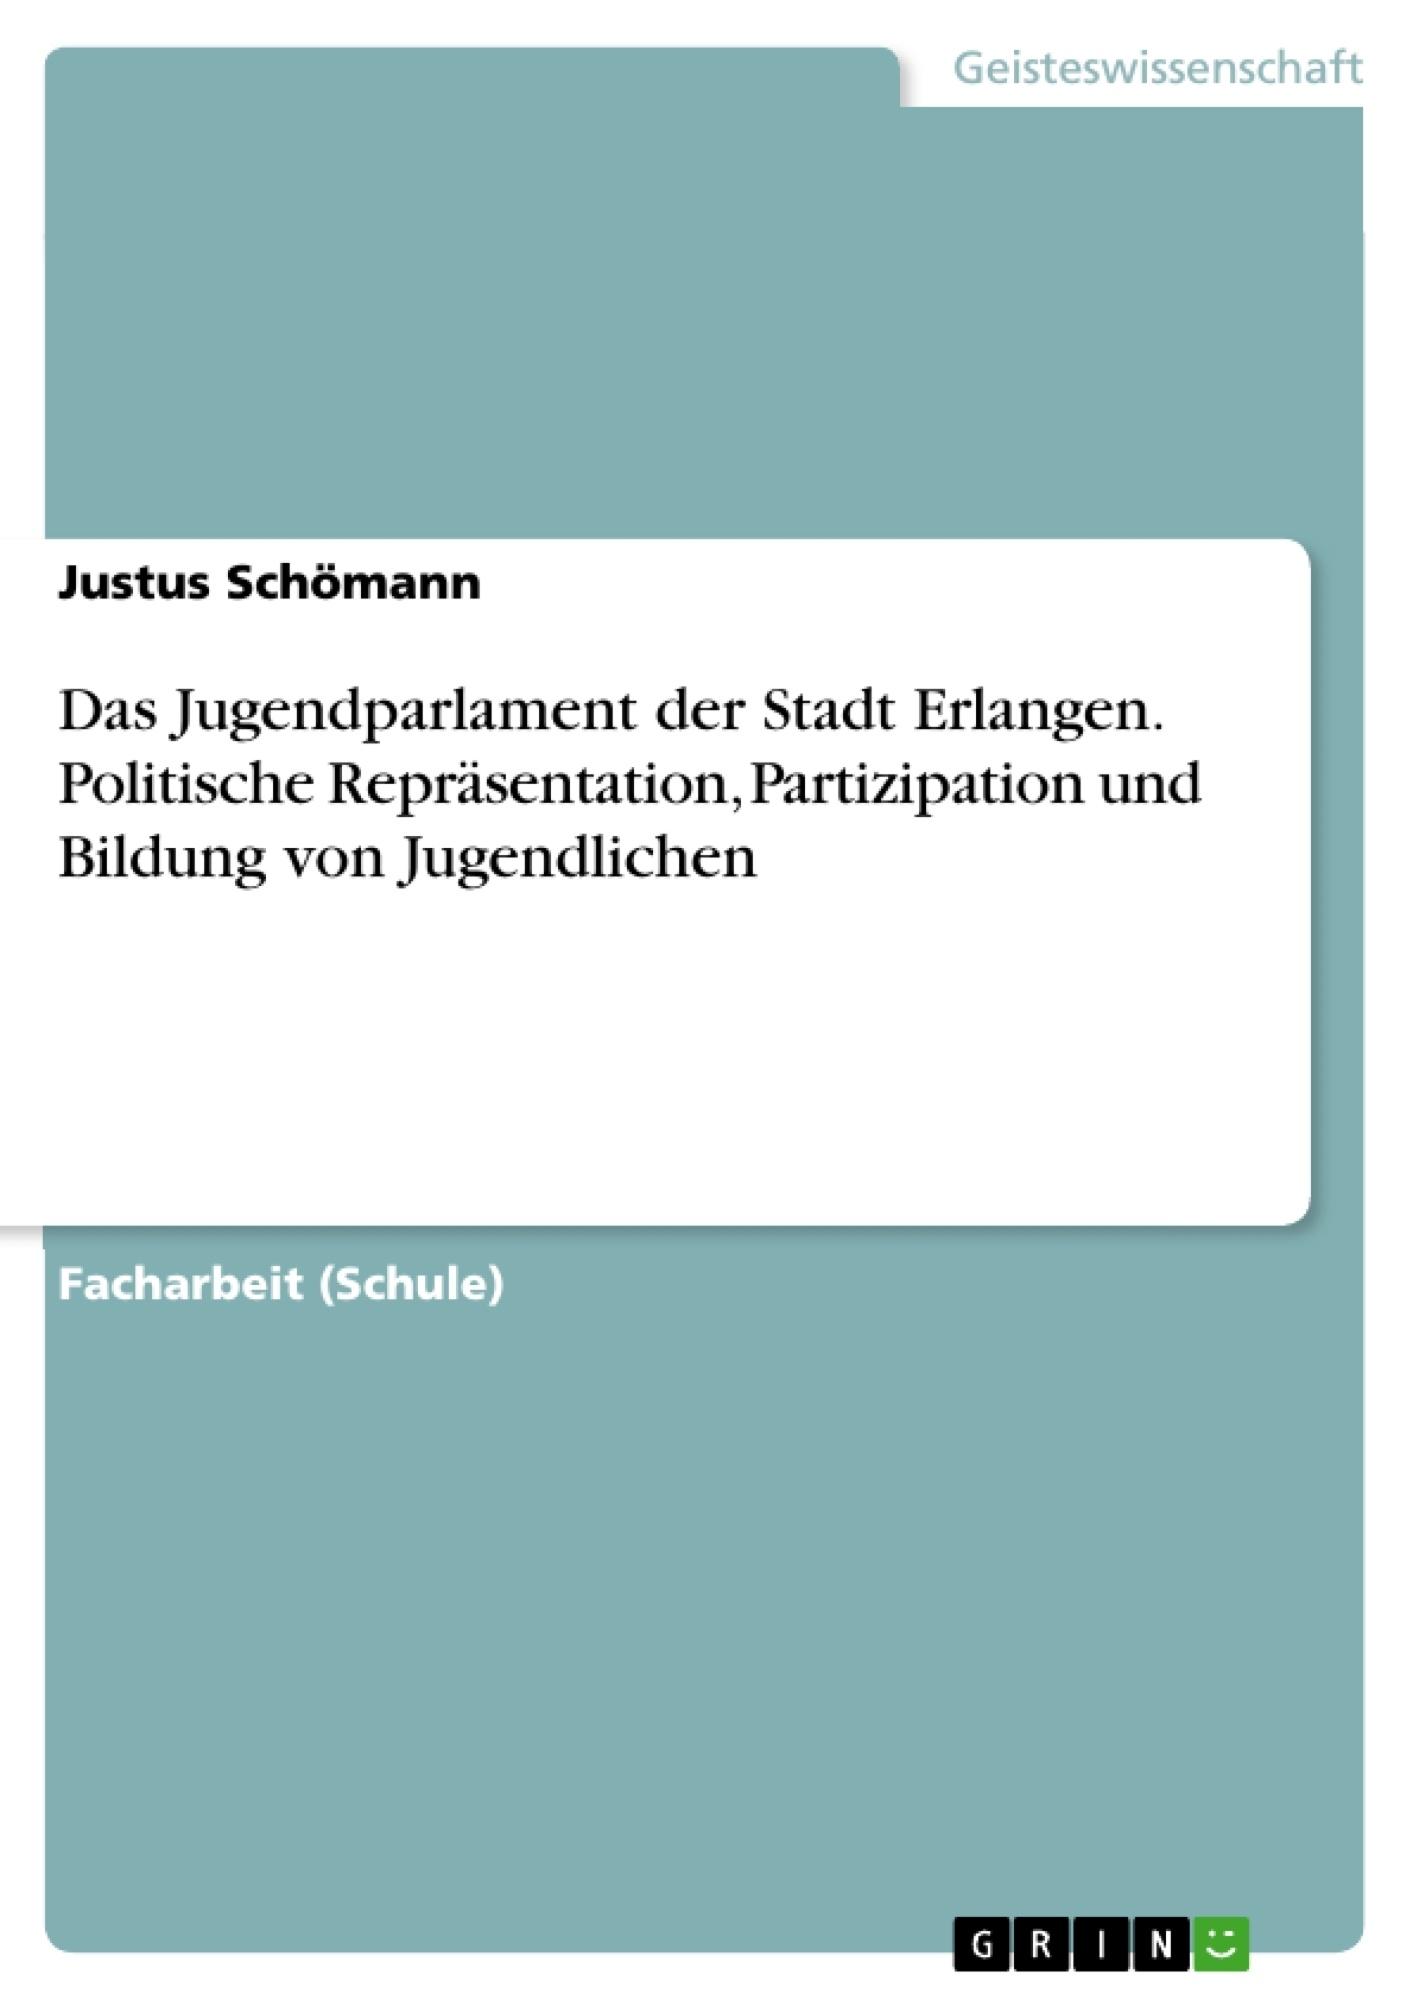 Titel: Das Jugendparlament der Stadt Erlangen. Politische Repräsentation, Partizipation und Bildung von Jugendlichen